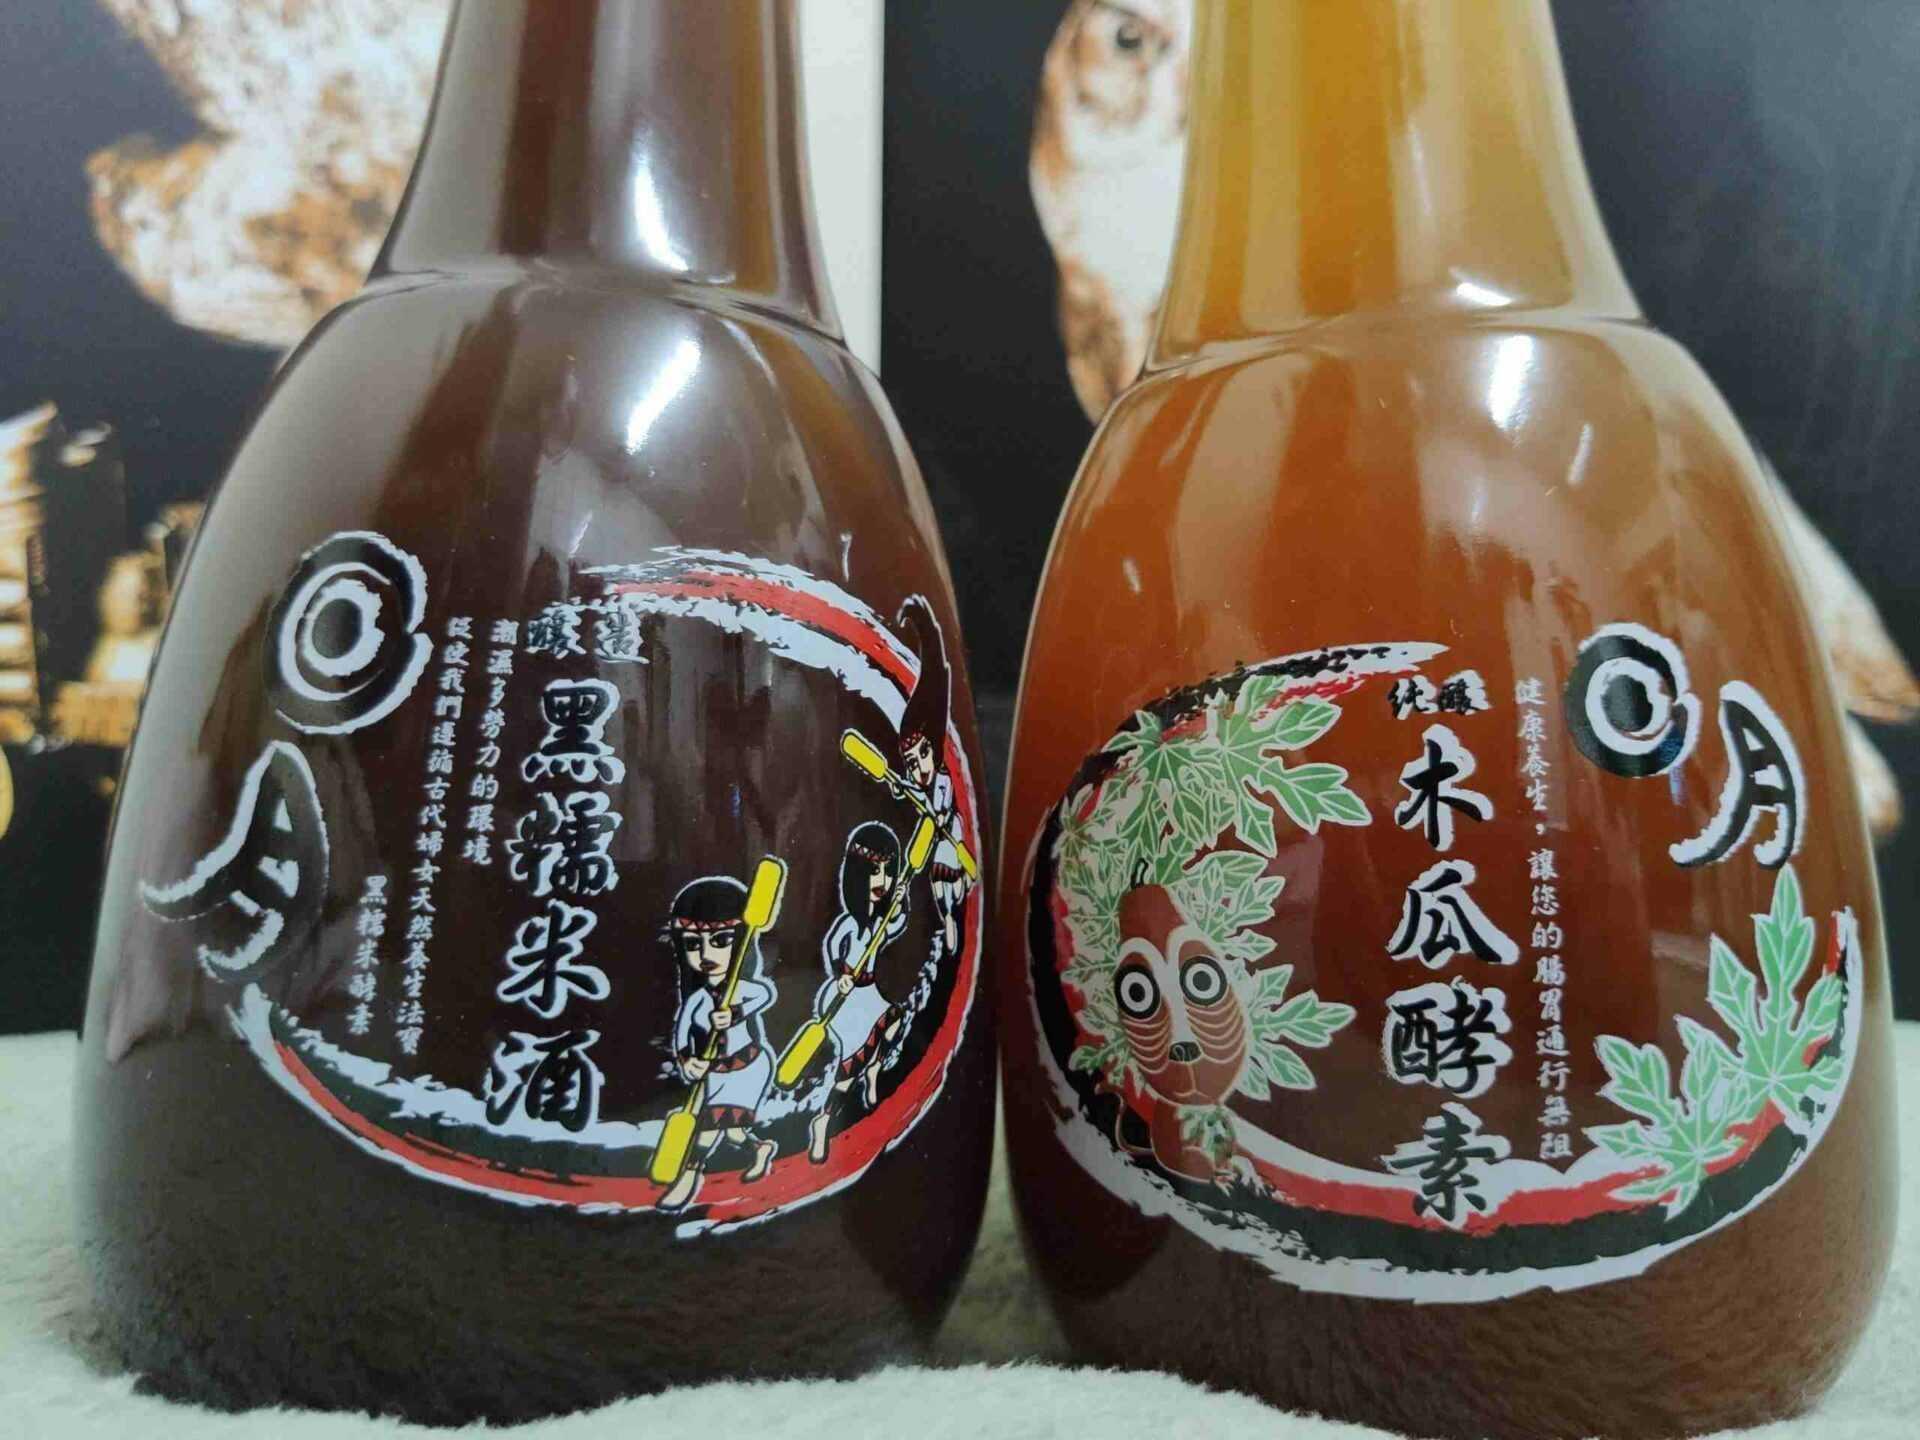 日月酒莊 黑糯米酒與木瓜酵素